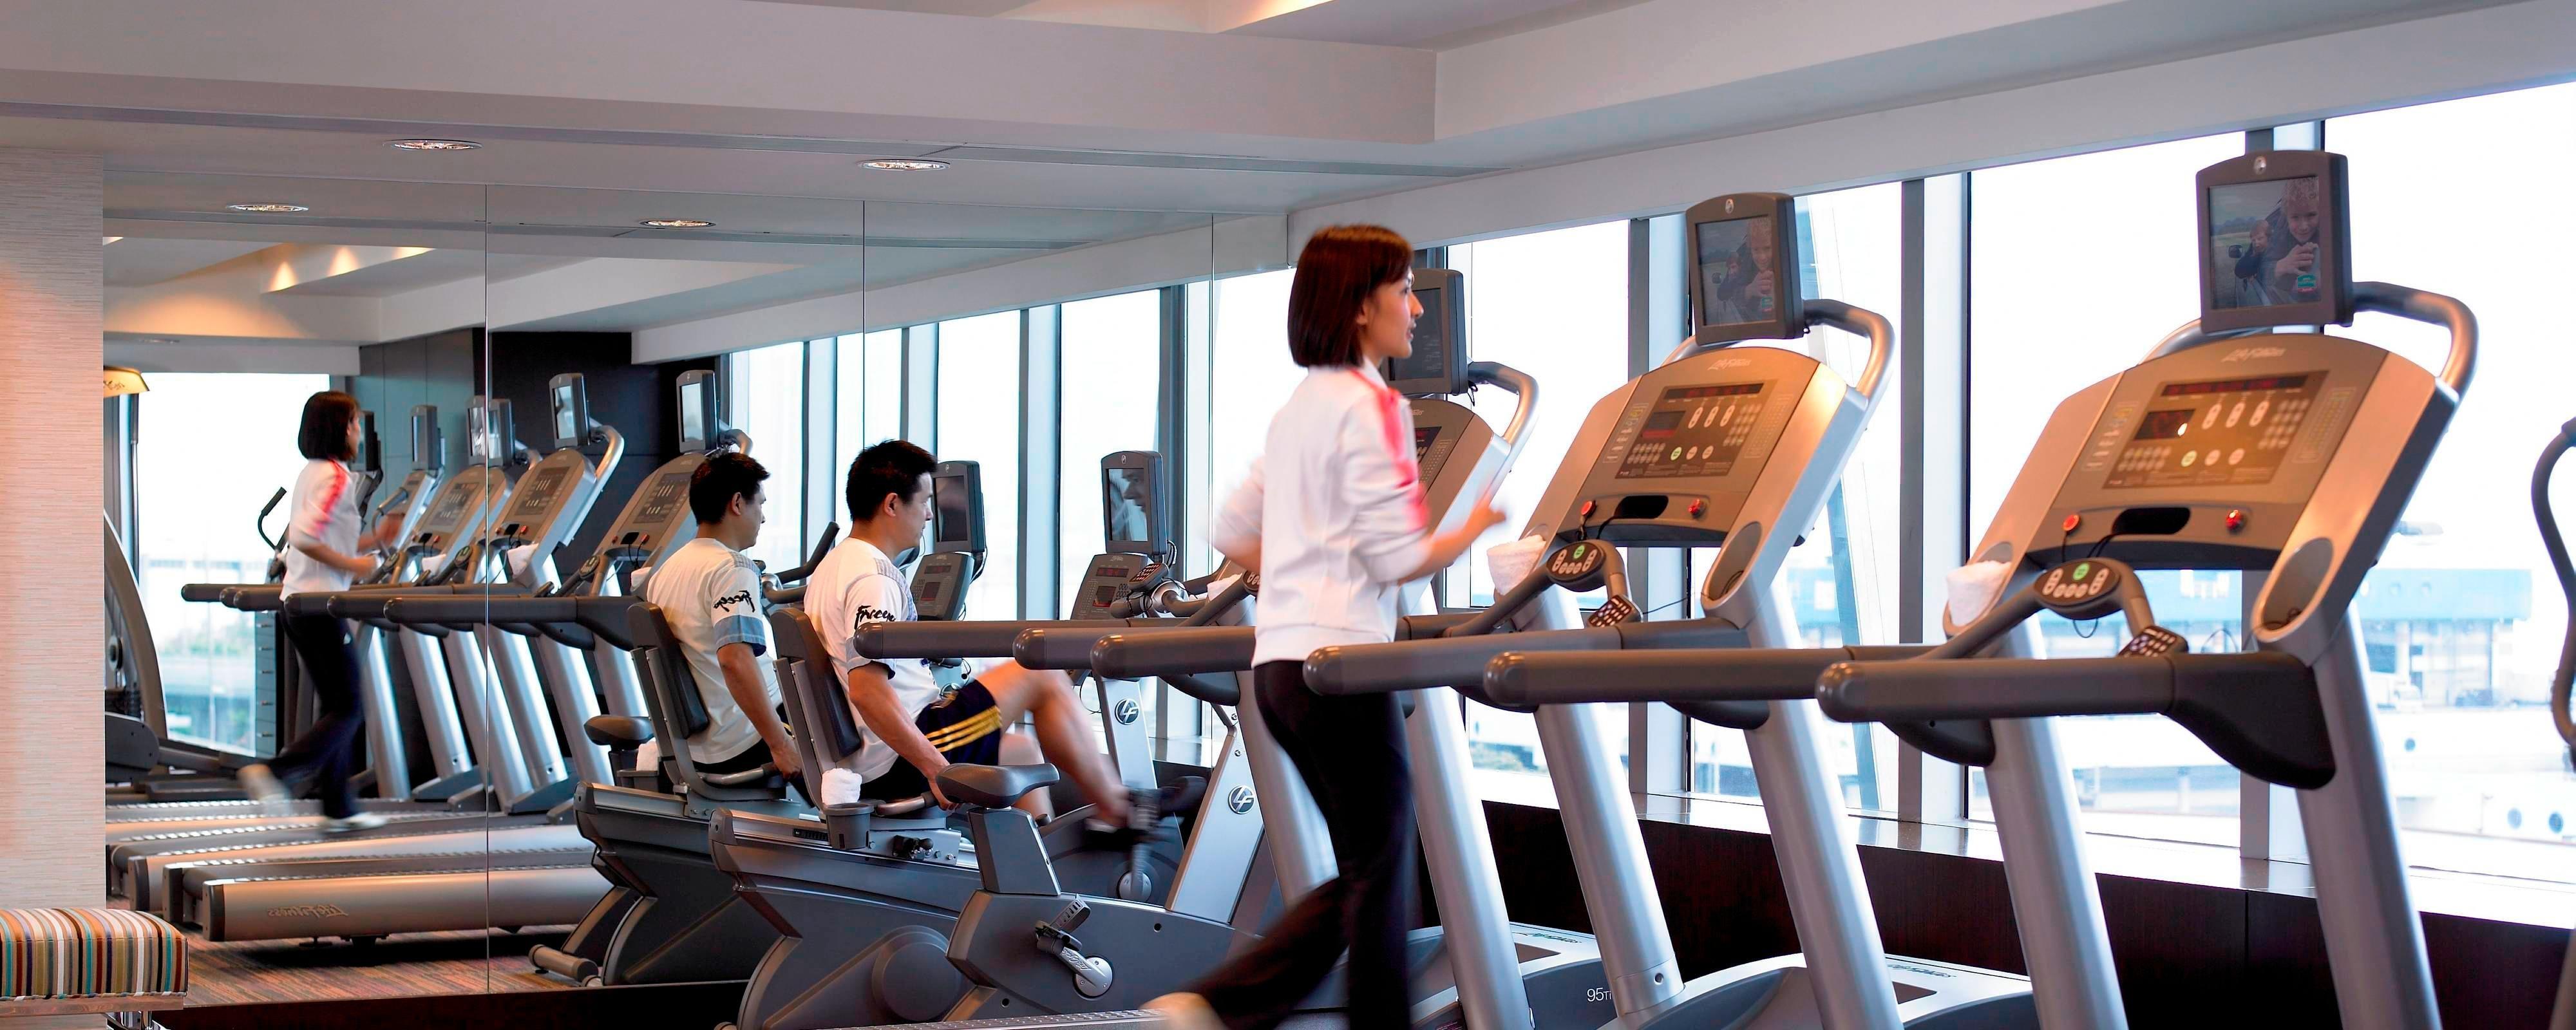 Fitness centre hong kong gym hong kong courtyard hong kong